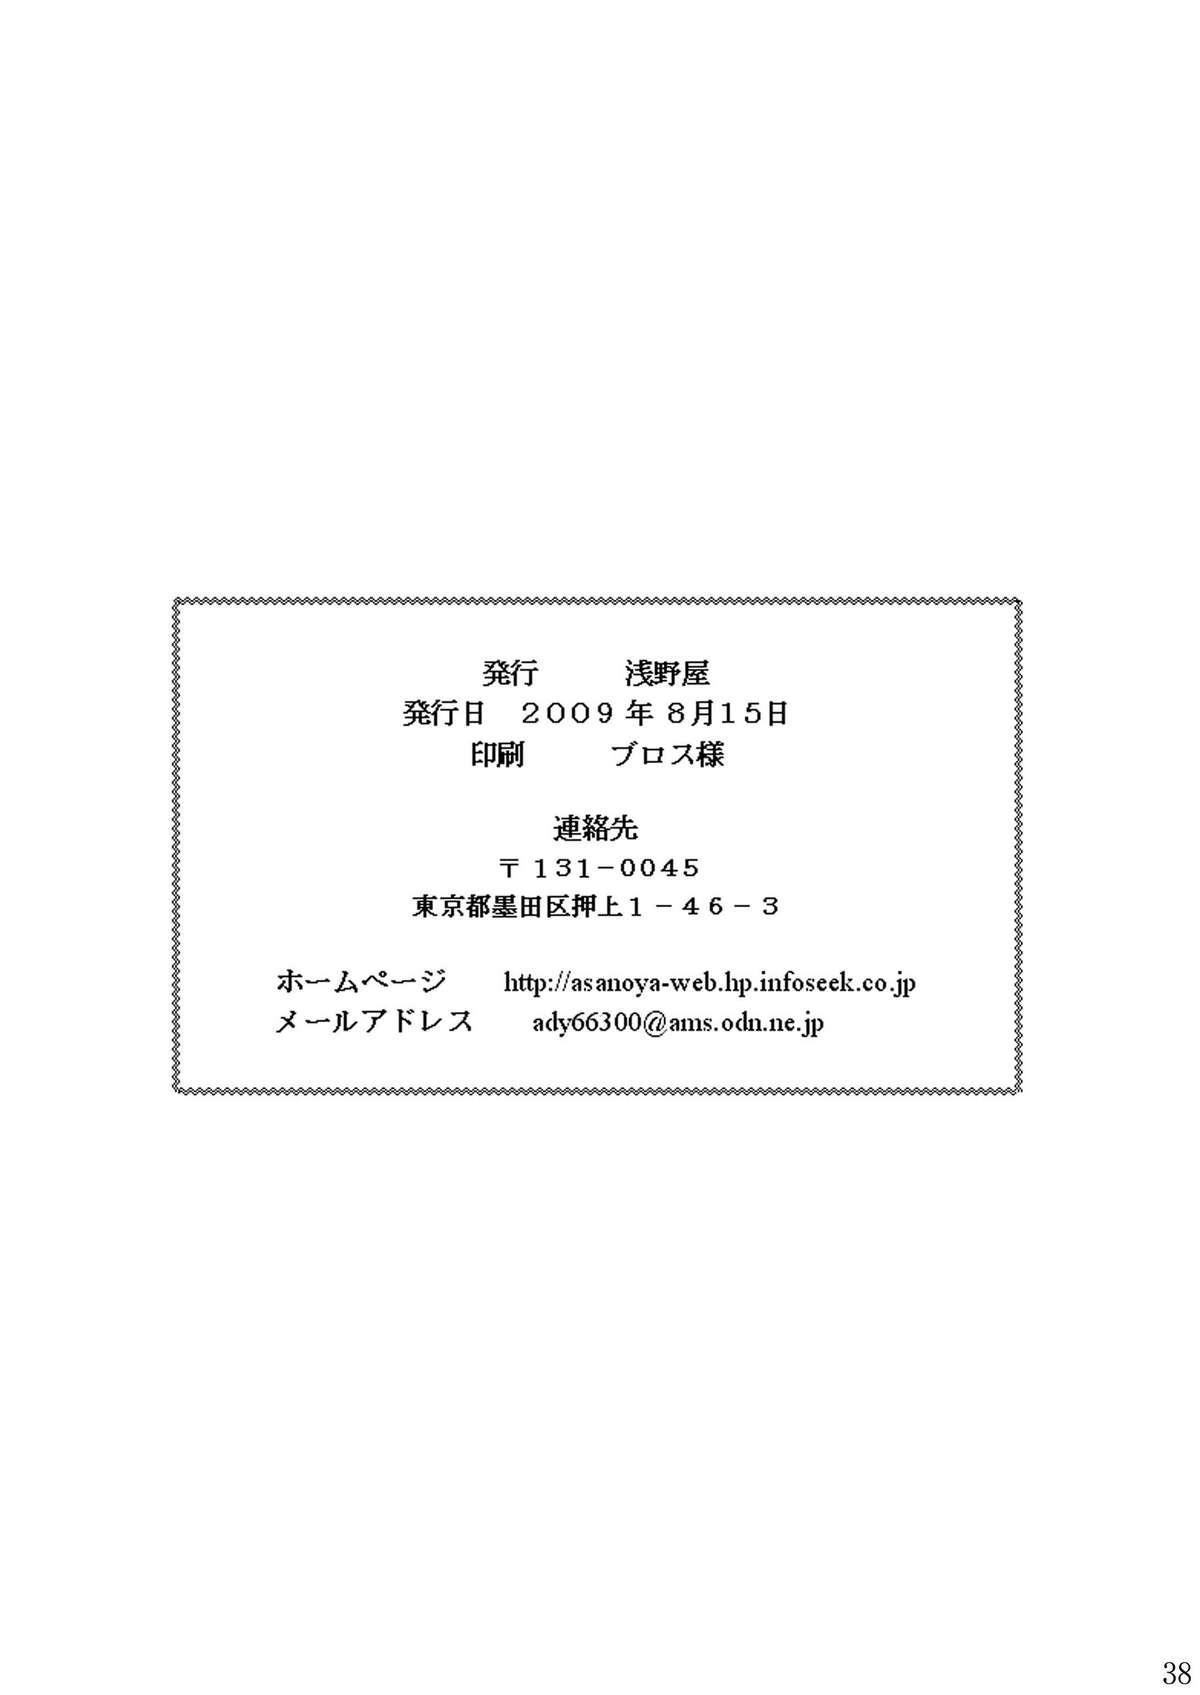 Seishin Houkai suru made Kusuguri Makutte Ryoujoku shite miru Test 37